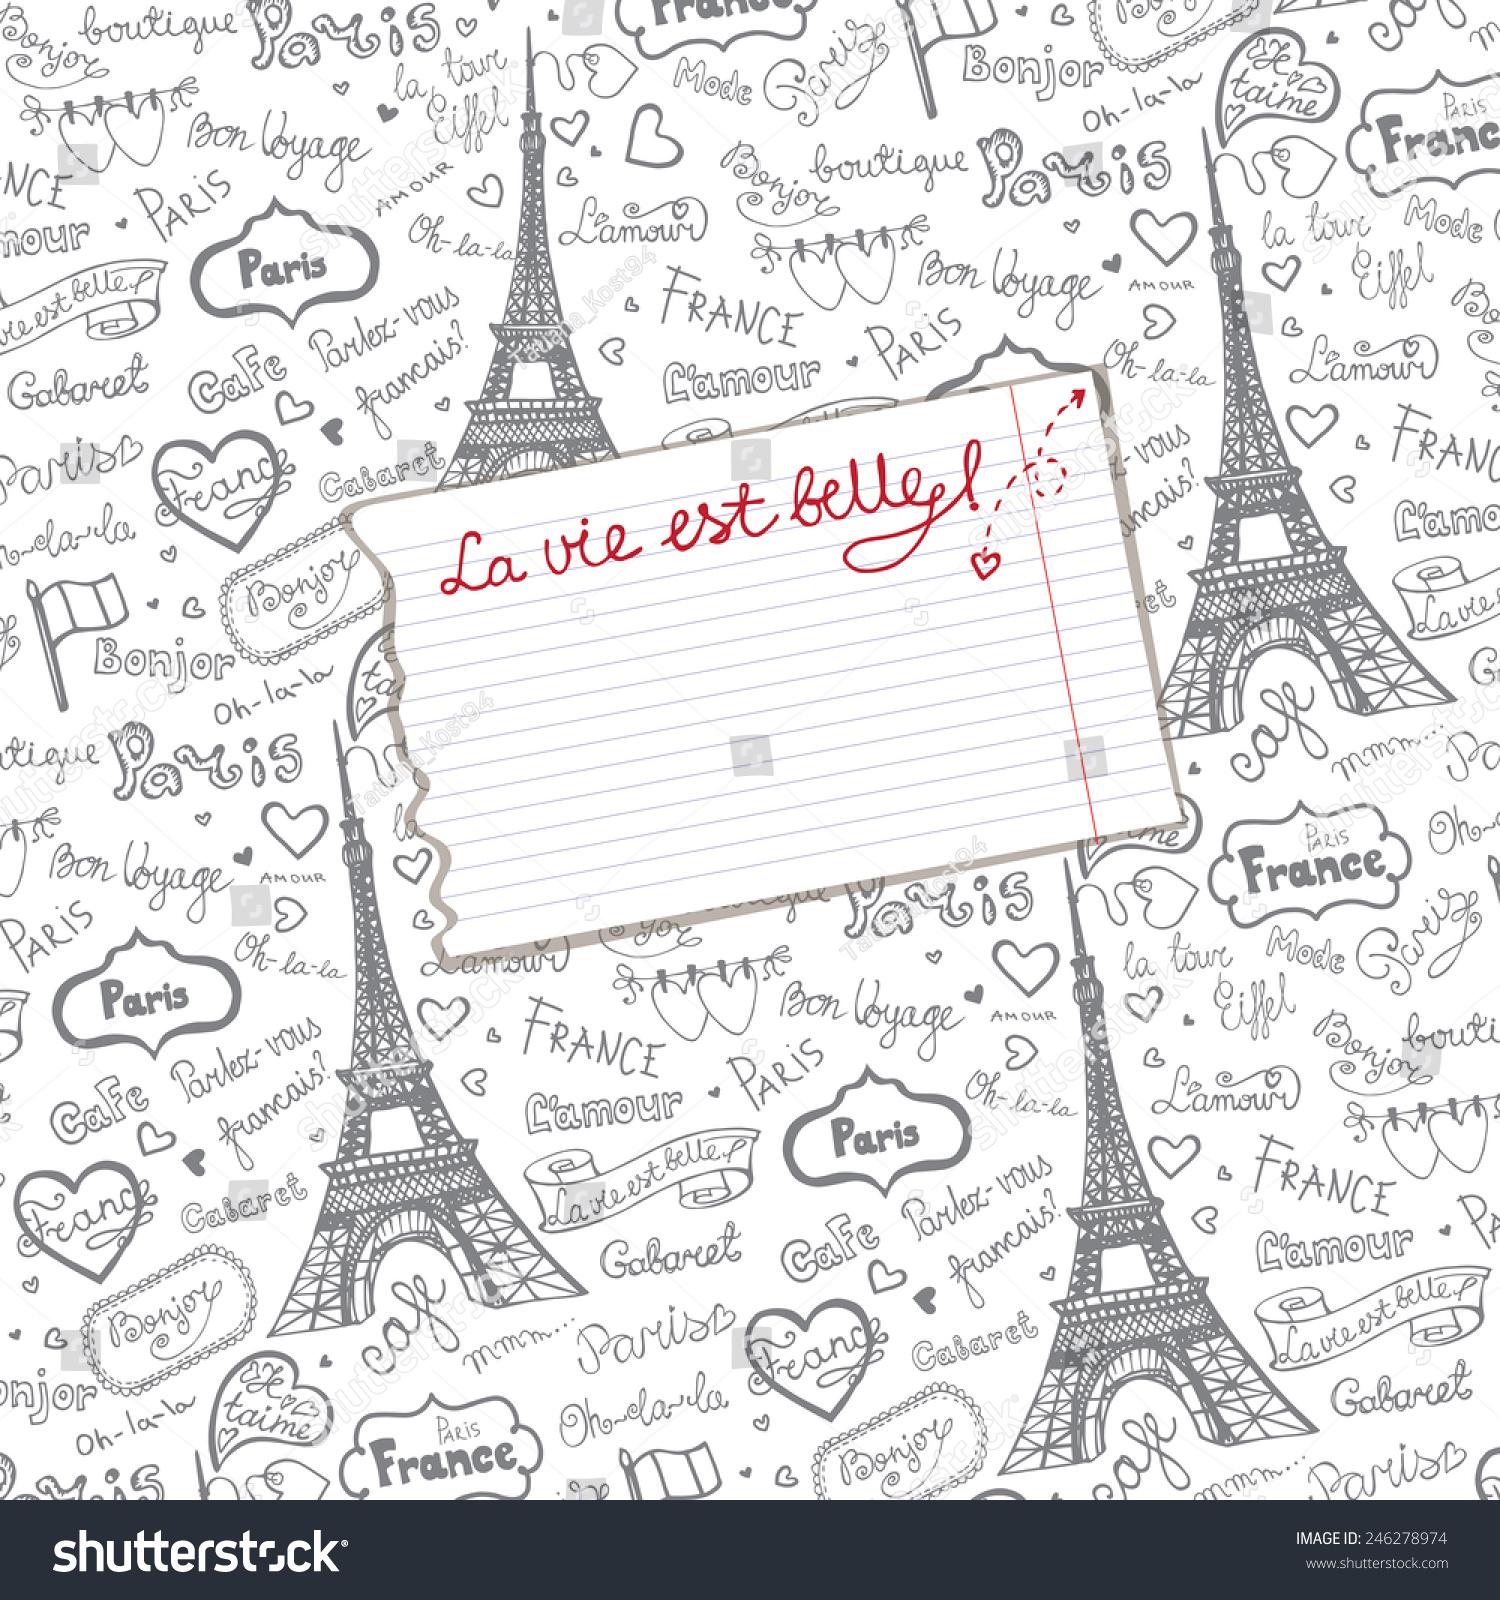 Paris Symbolsletteringemblems Pattern Background Piece Paperhand